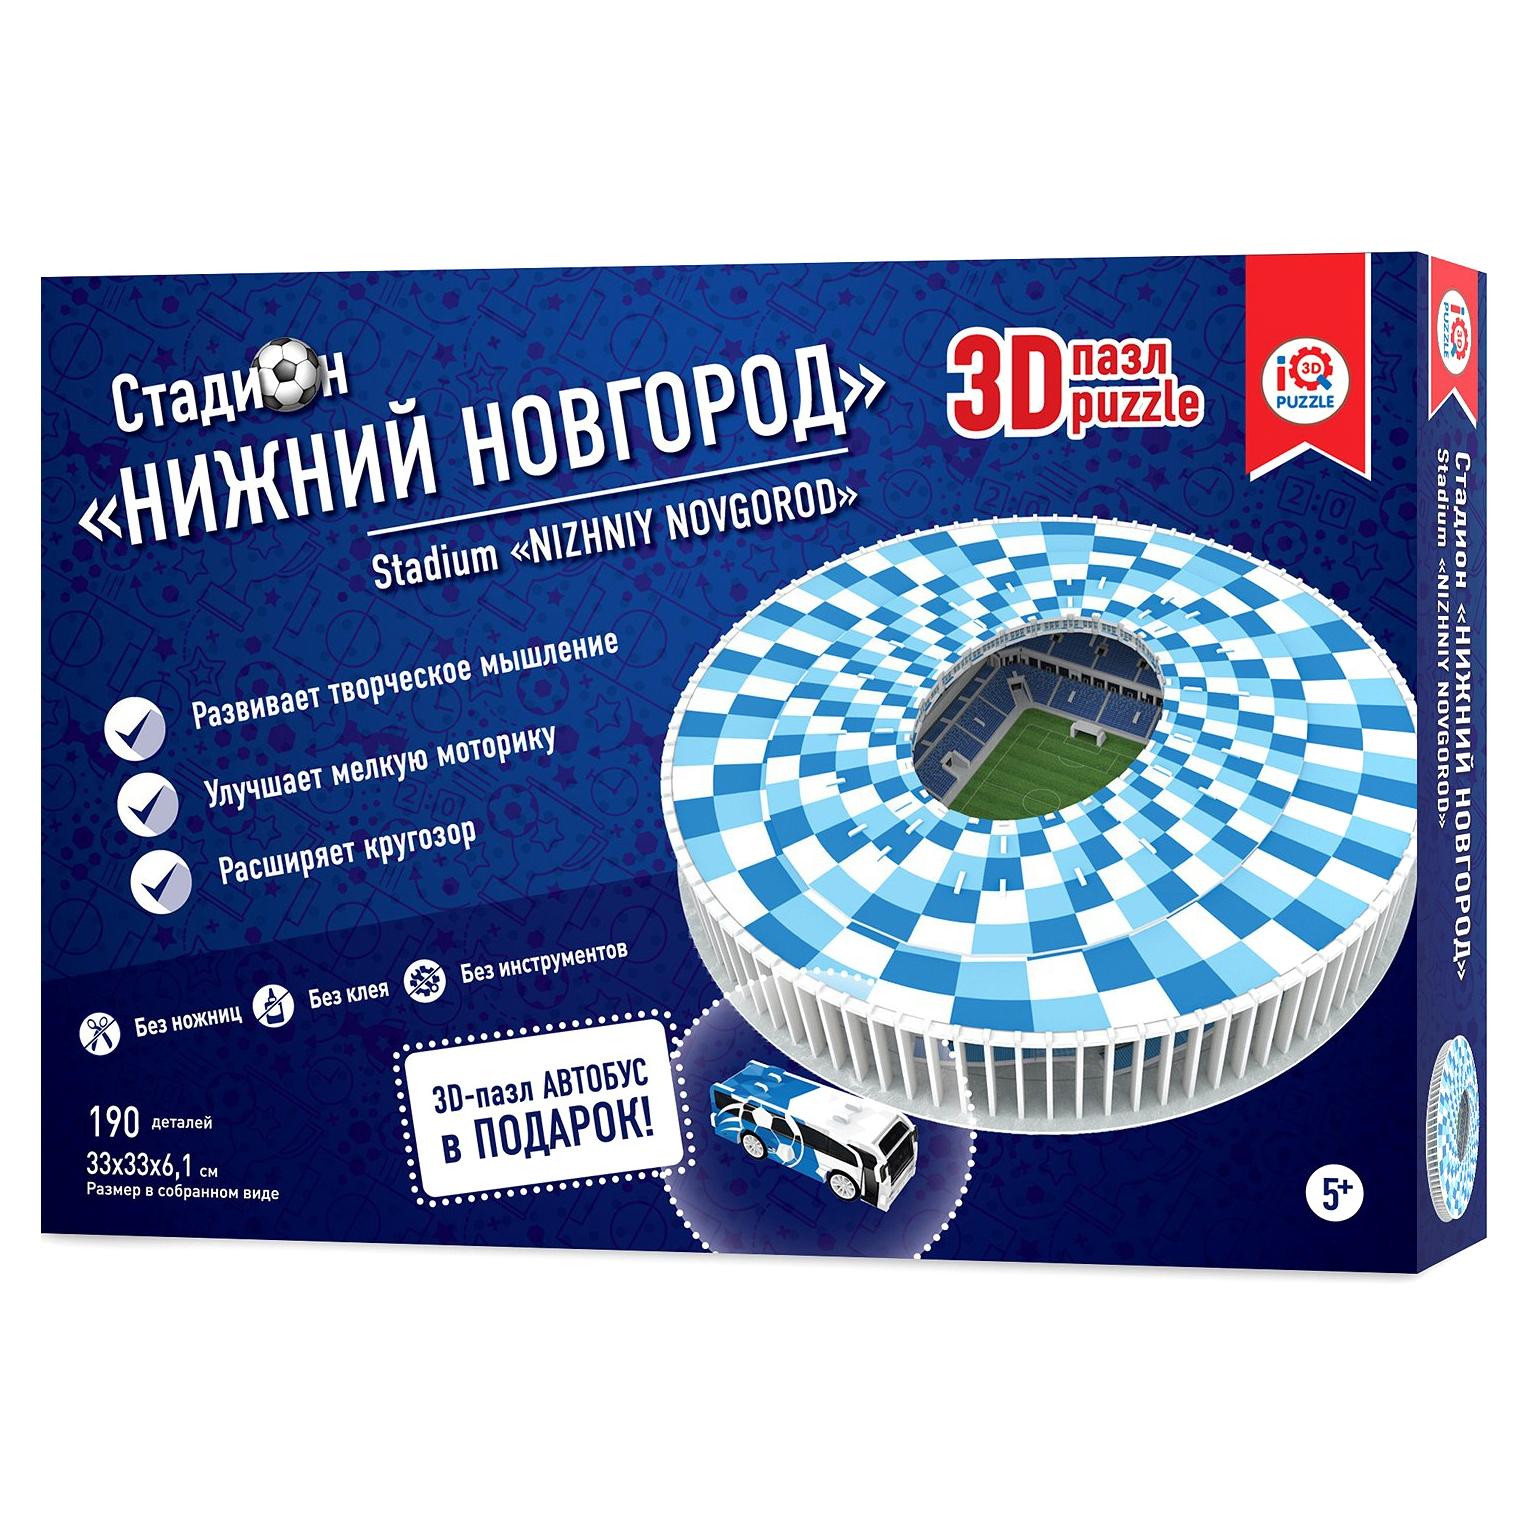 Пазл 3D IQ 3D PUZZLE Нижний Новгород 16554